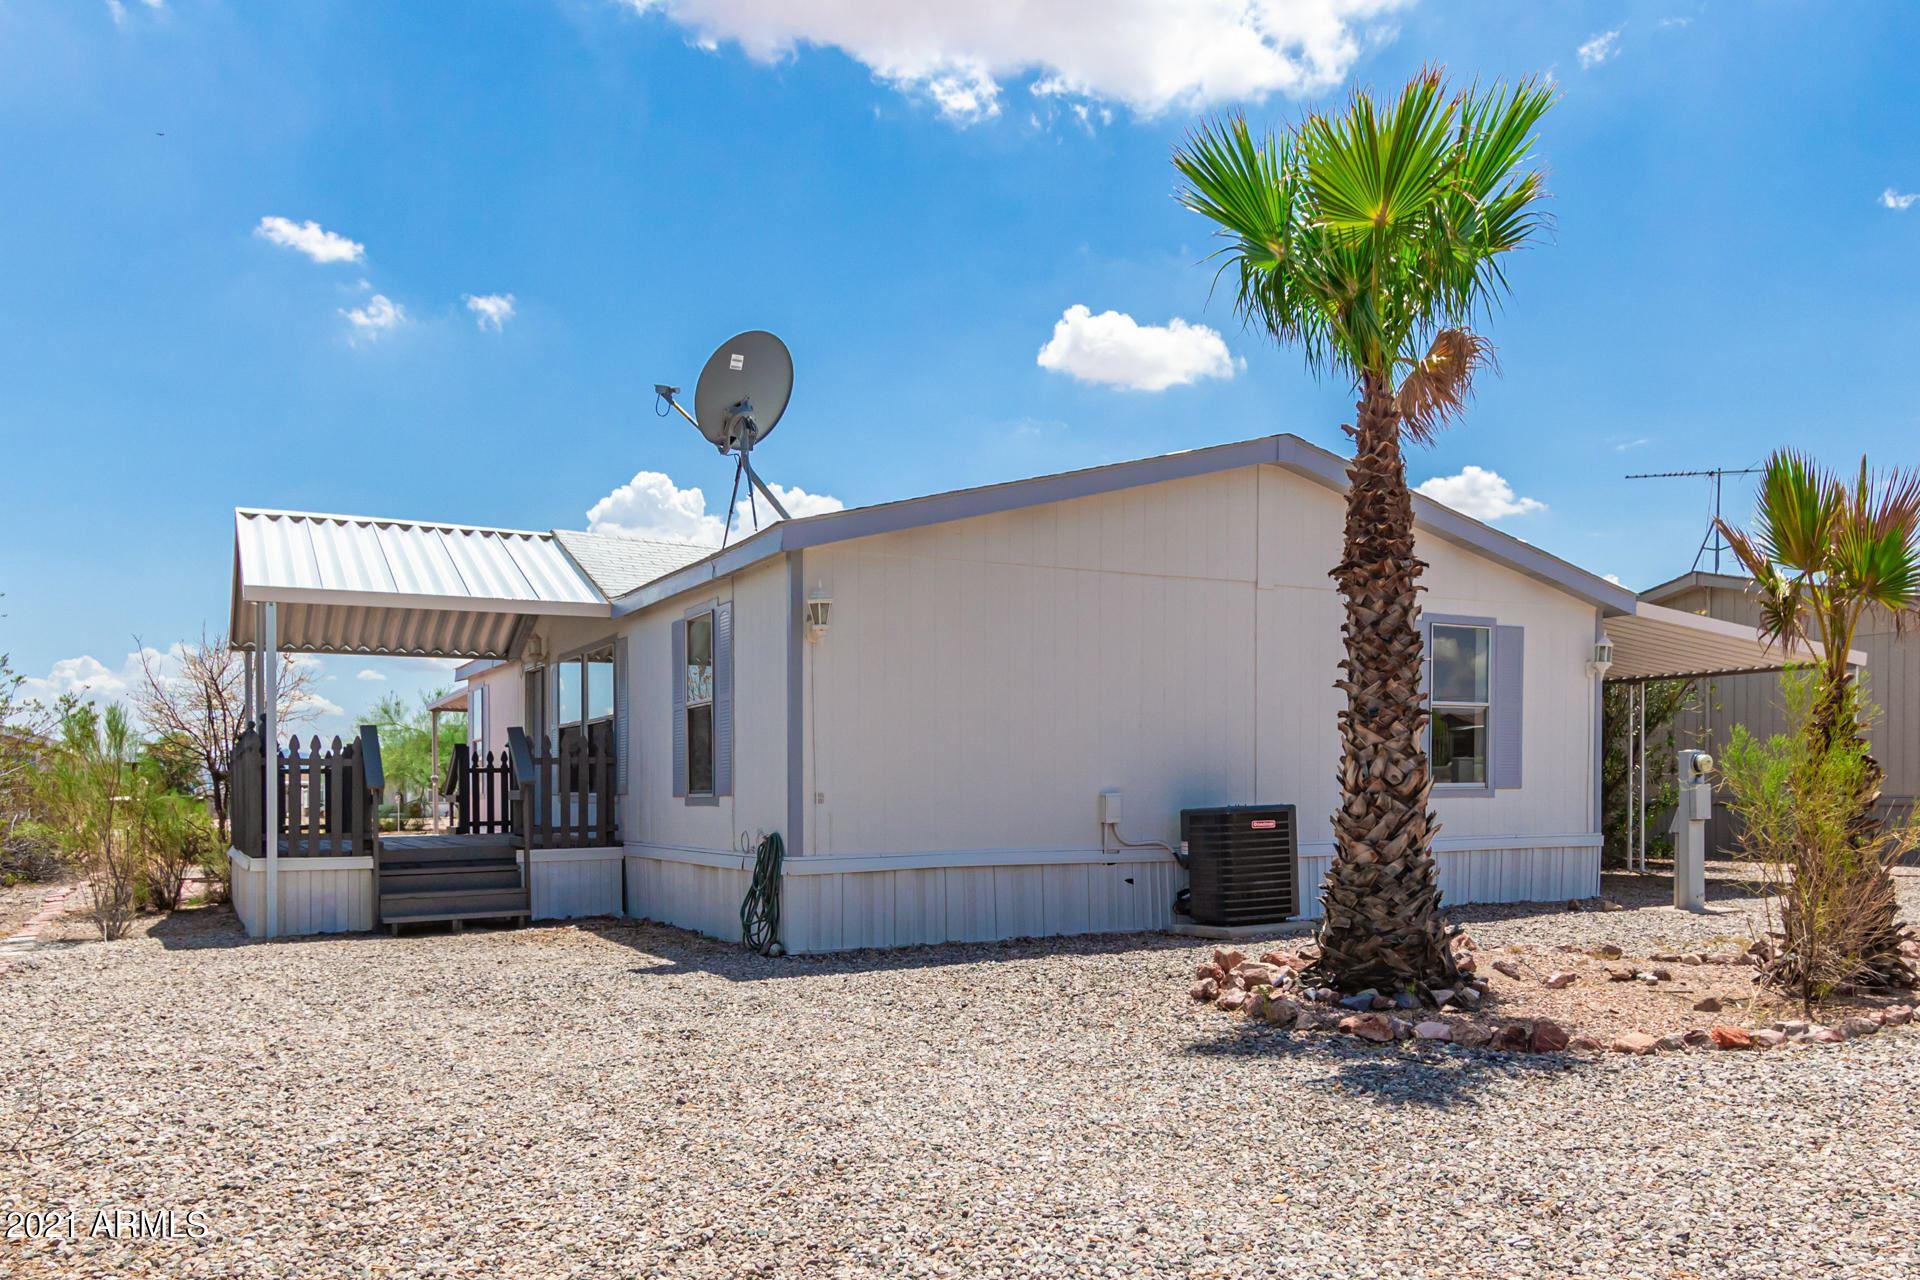 22435 S MELLOW Street, Wittmann, AZ 85361 - MLS#: 6267240